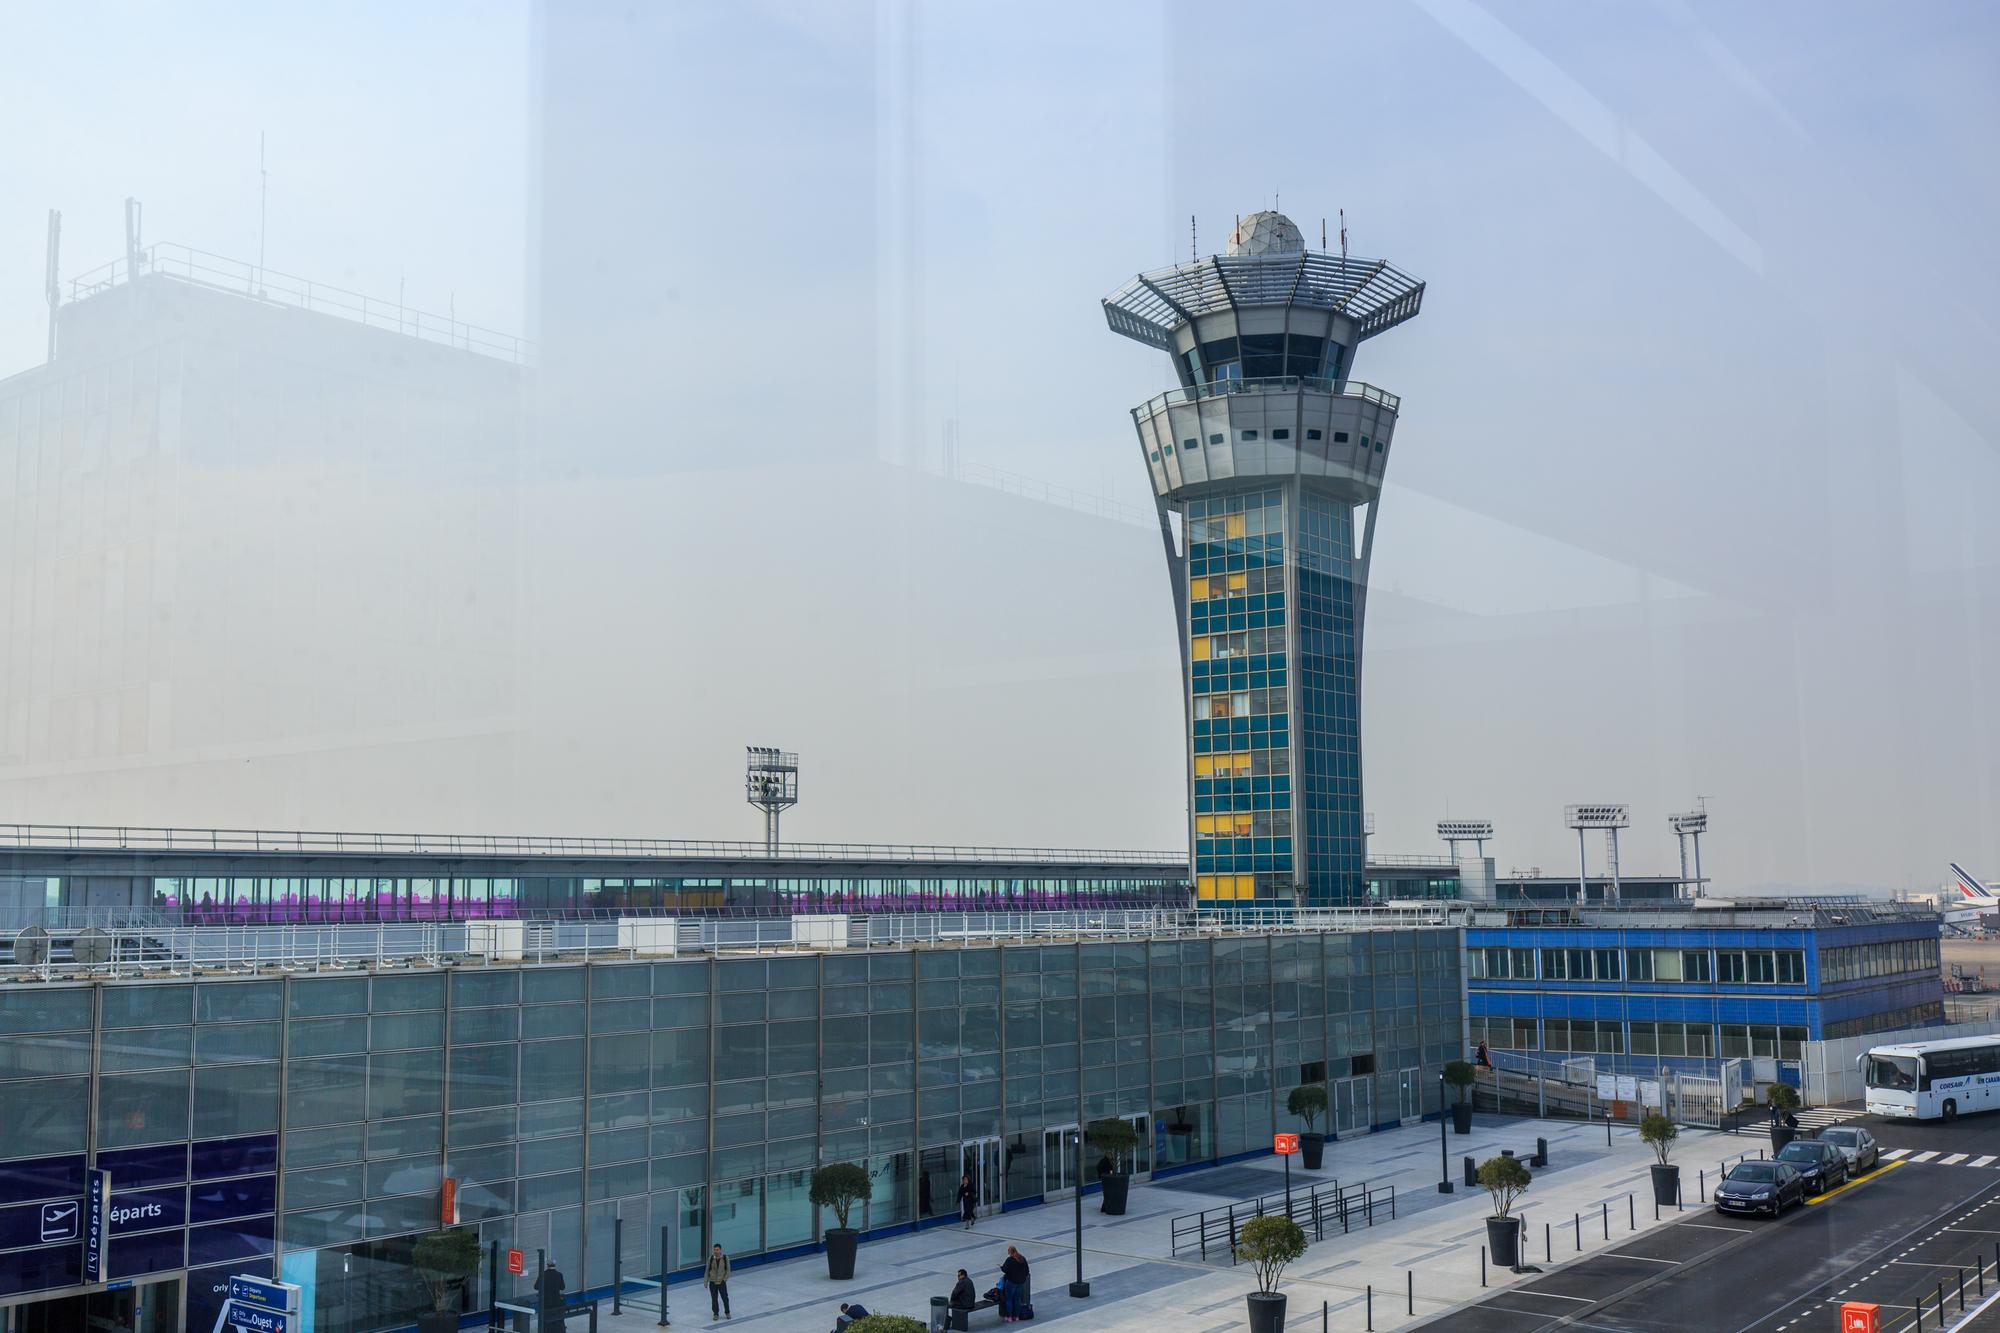 Le Groupe ADP rouvre le vendredi 26 juin l'aéroport Paris-Orly fermé au trafic commercial passager depuis le 1er avril dernier. /crédit DepositPhoto